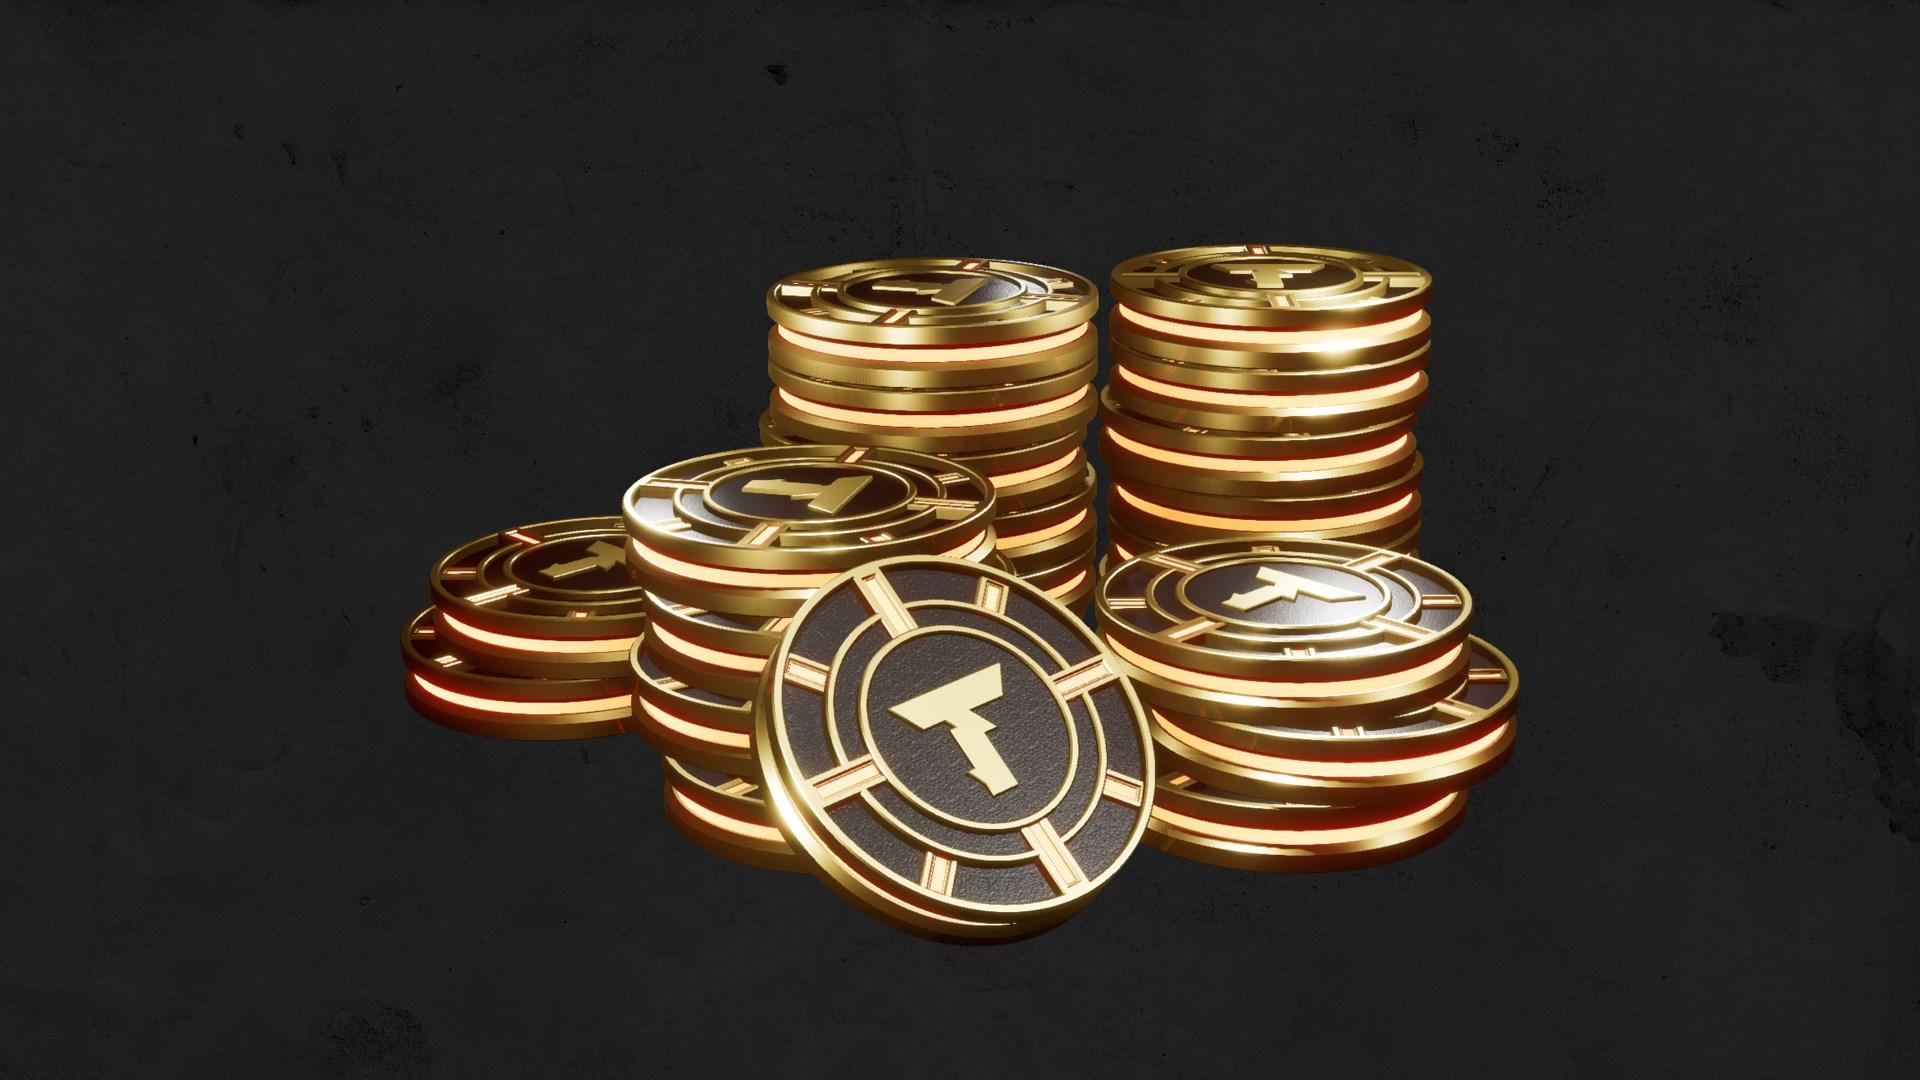 2000 премиальных жетонов + 300 (бонус)